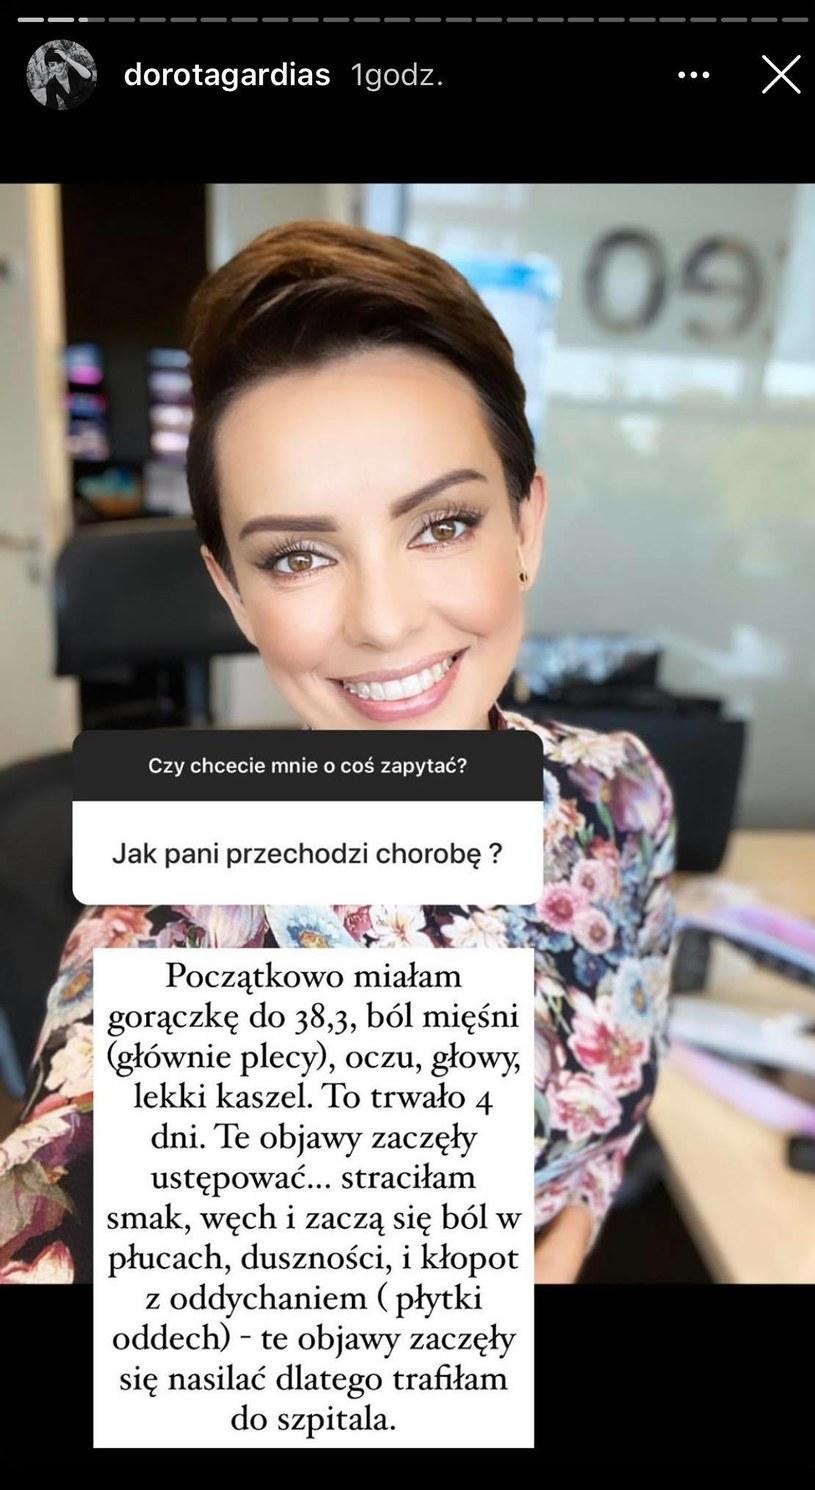 Dorota Gardias opowiedziała o przebiegu choroby /Screen - InstaStory Doroty Gardias /materiał zewnętrzny